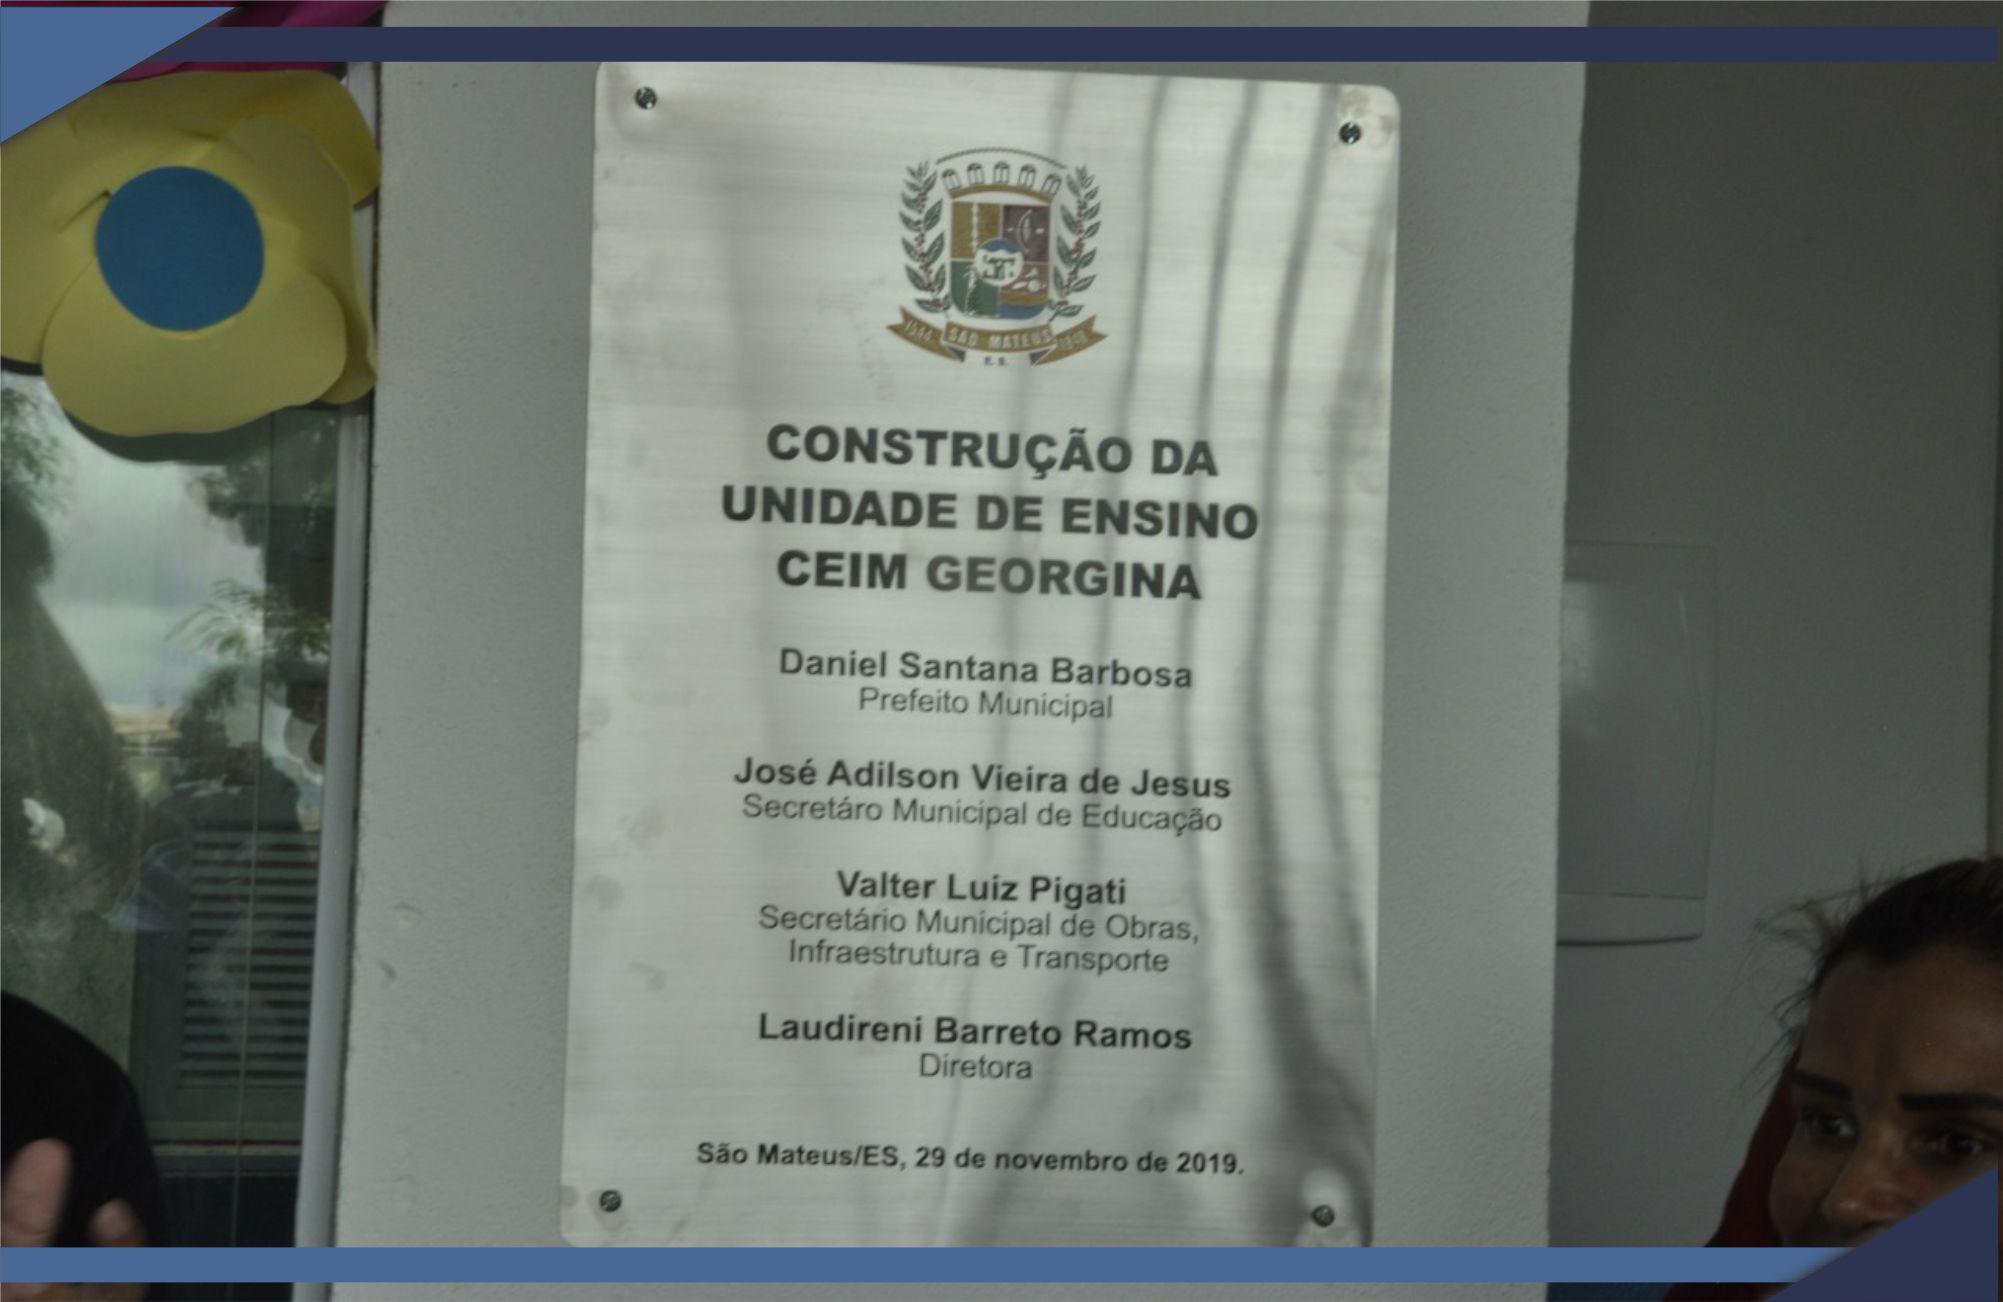 ASSENTAMENTO GEORGINA RECEBE CEIM ESPERADO HÁ MAIS DE 30 ANOS